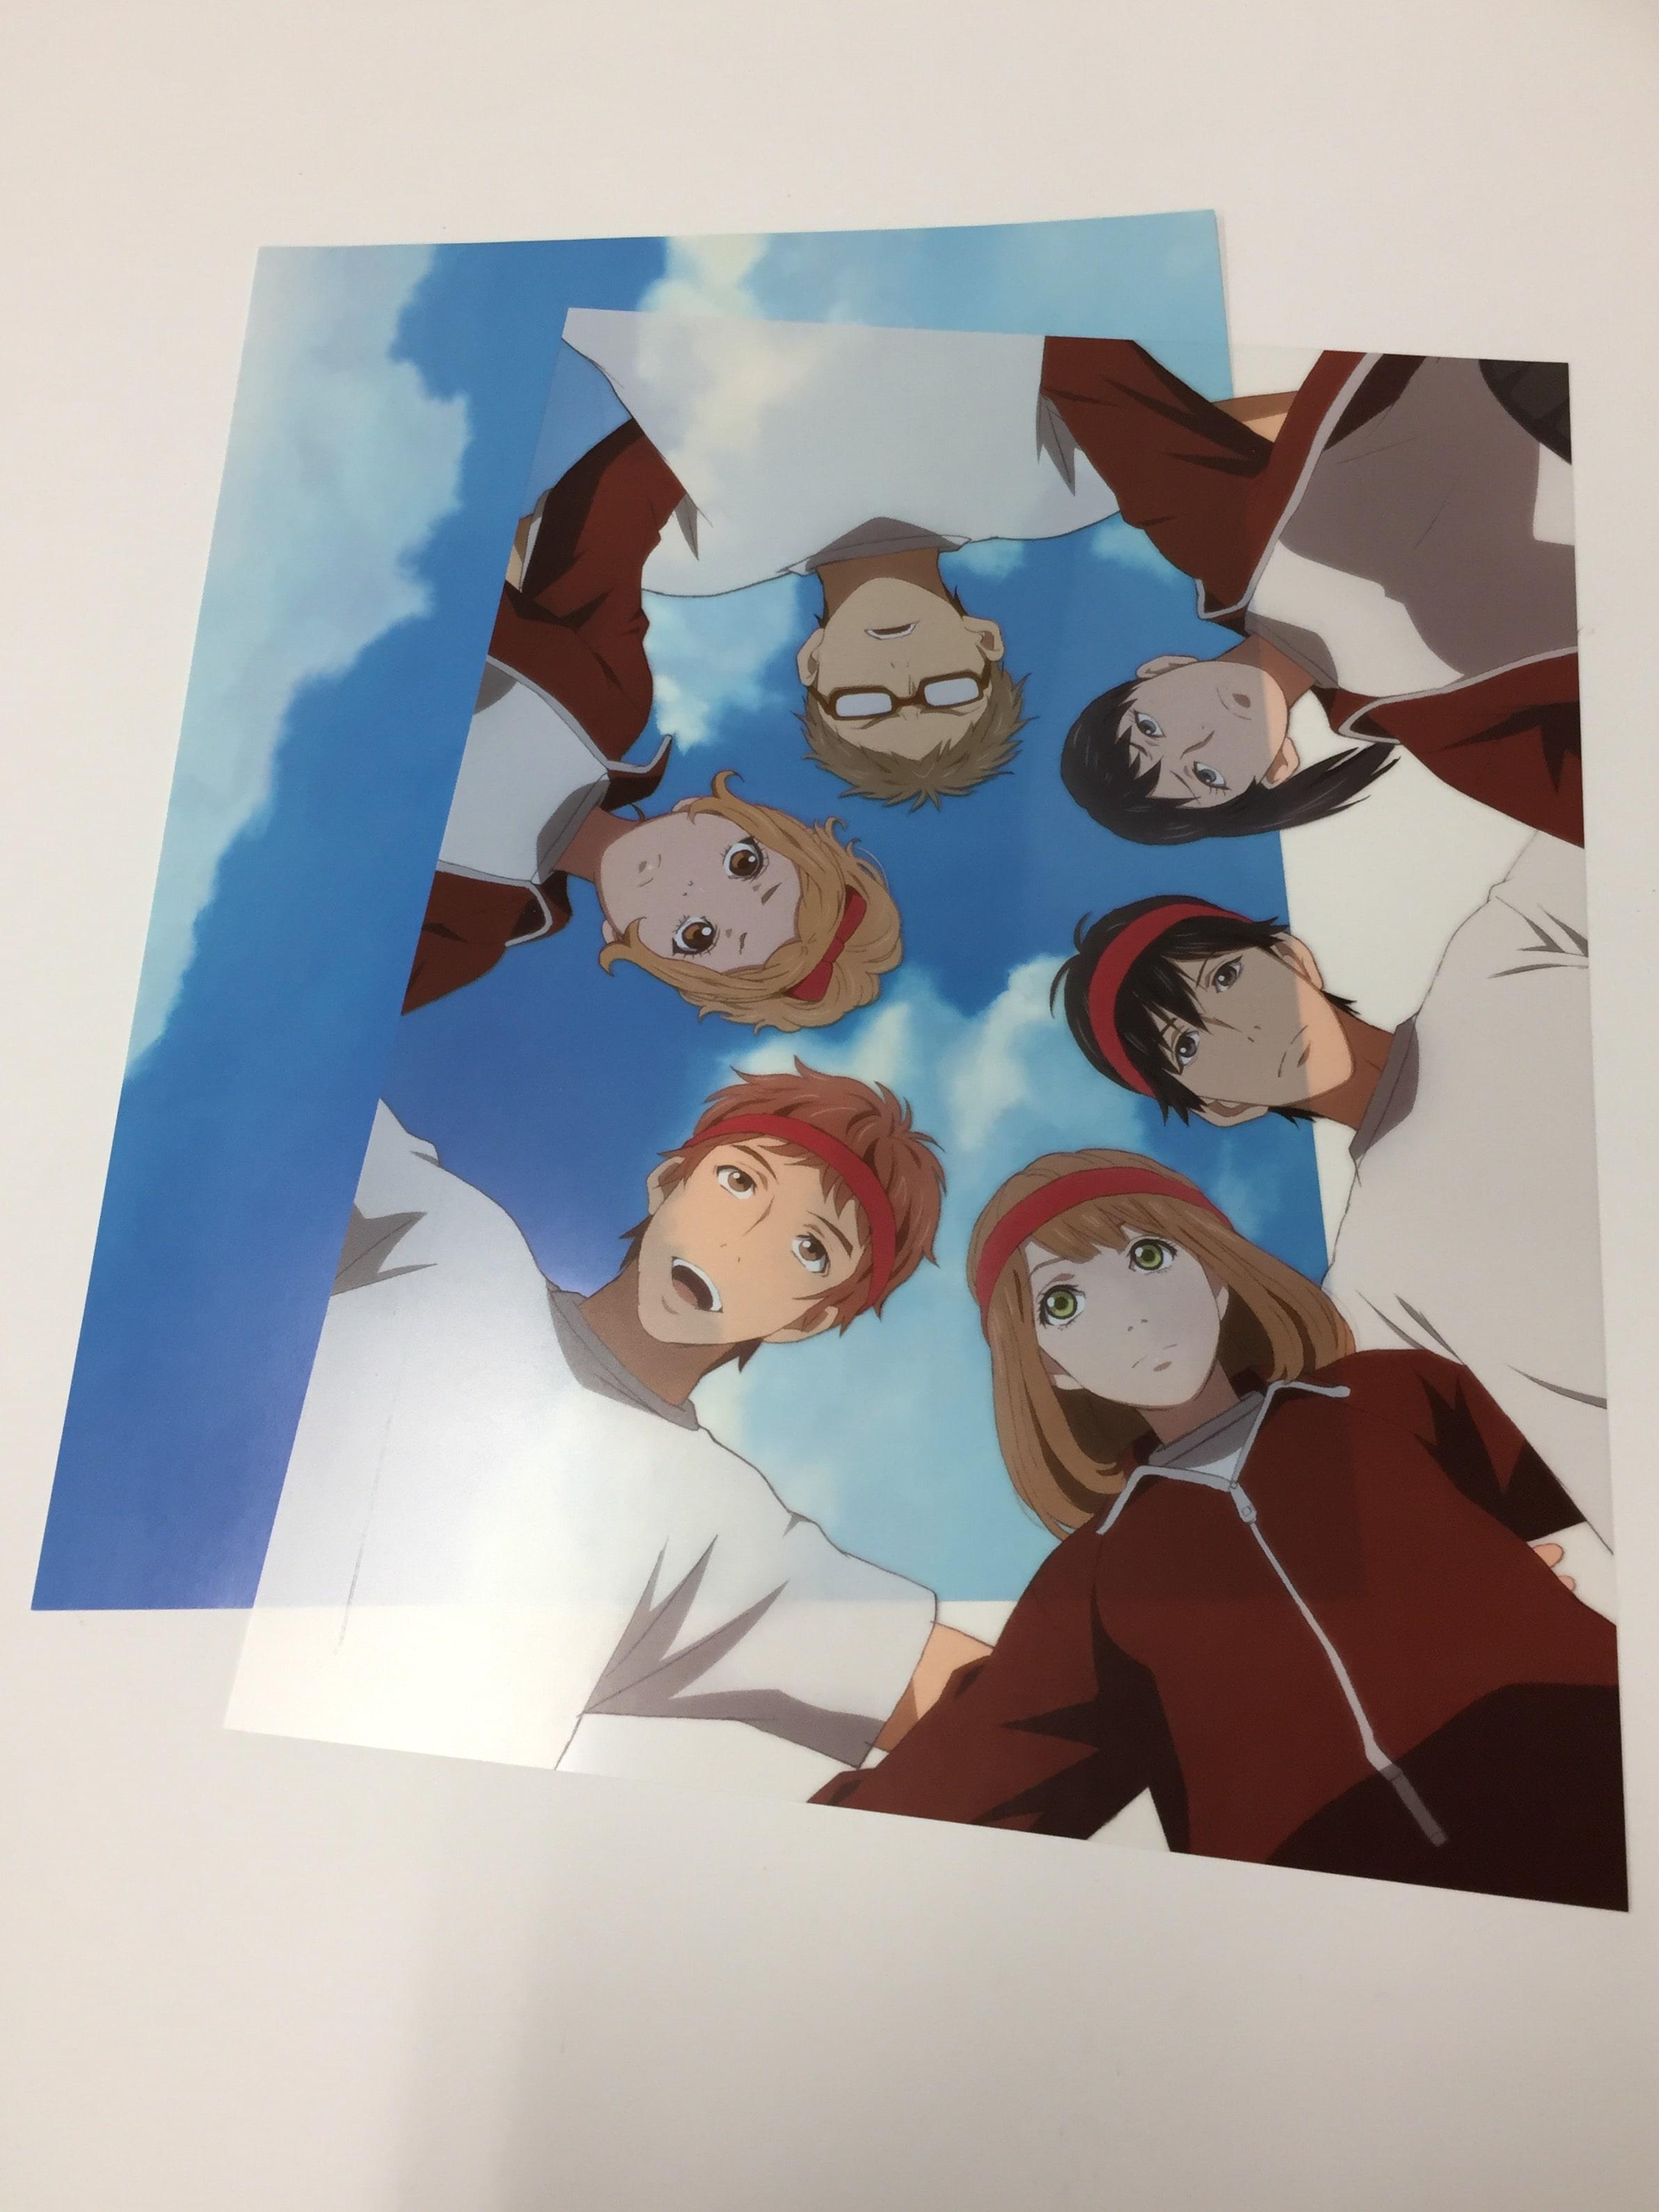 TVアニメ「orange」Vol.6 Blu-ray 初回生産限定版